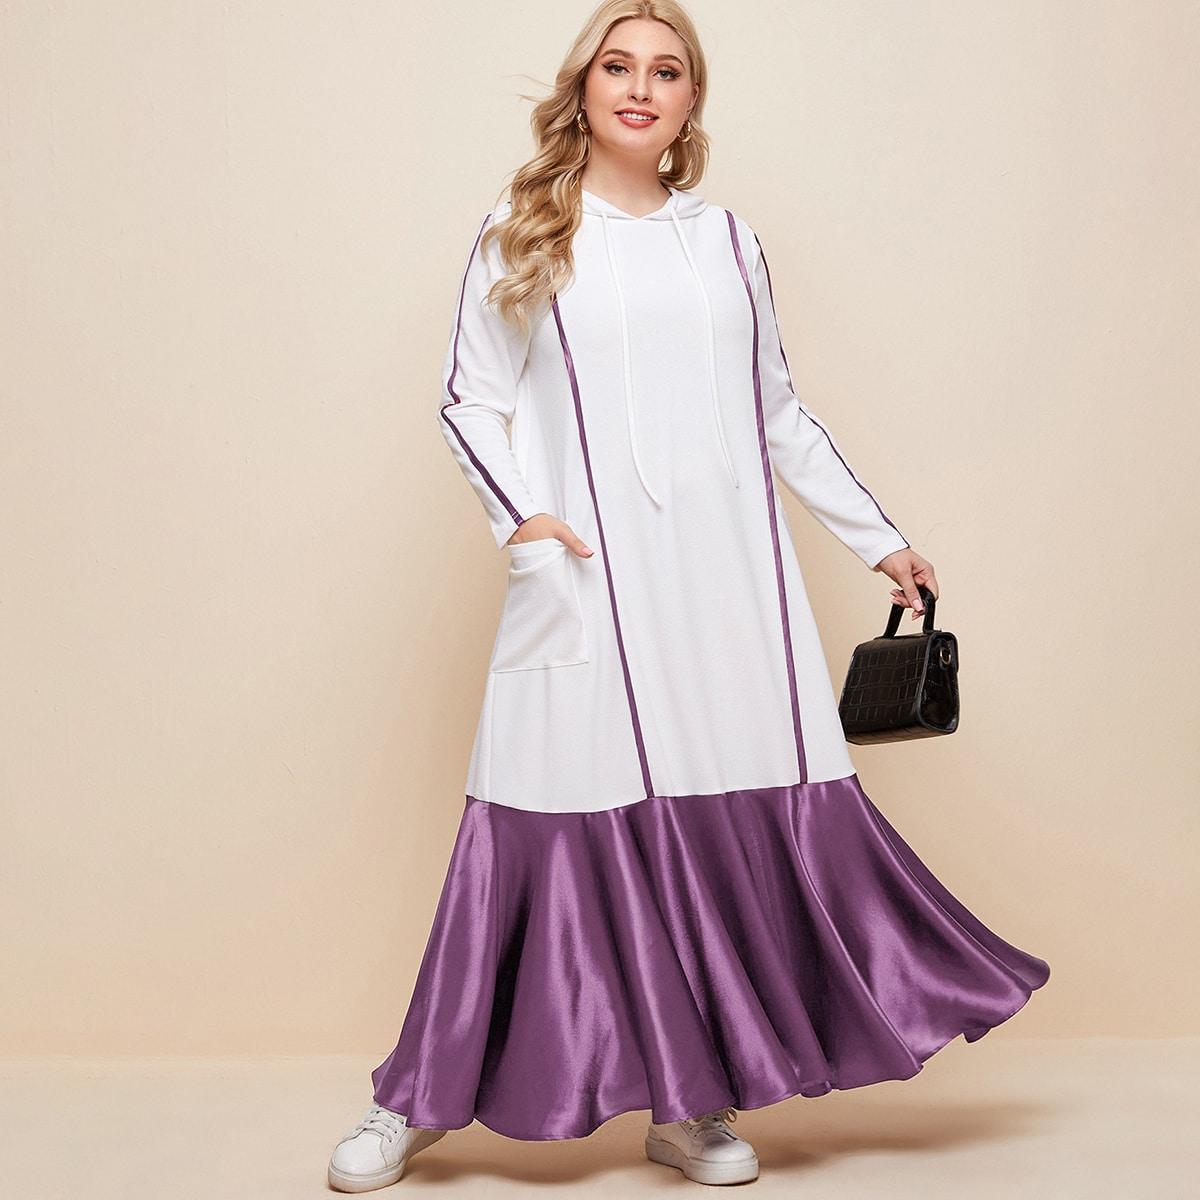 Карман Контрастный цвет Повседневный Платья размер плюс